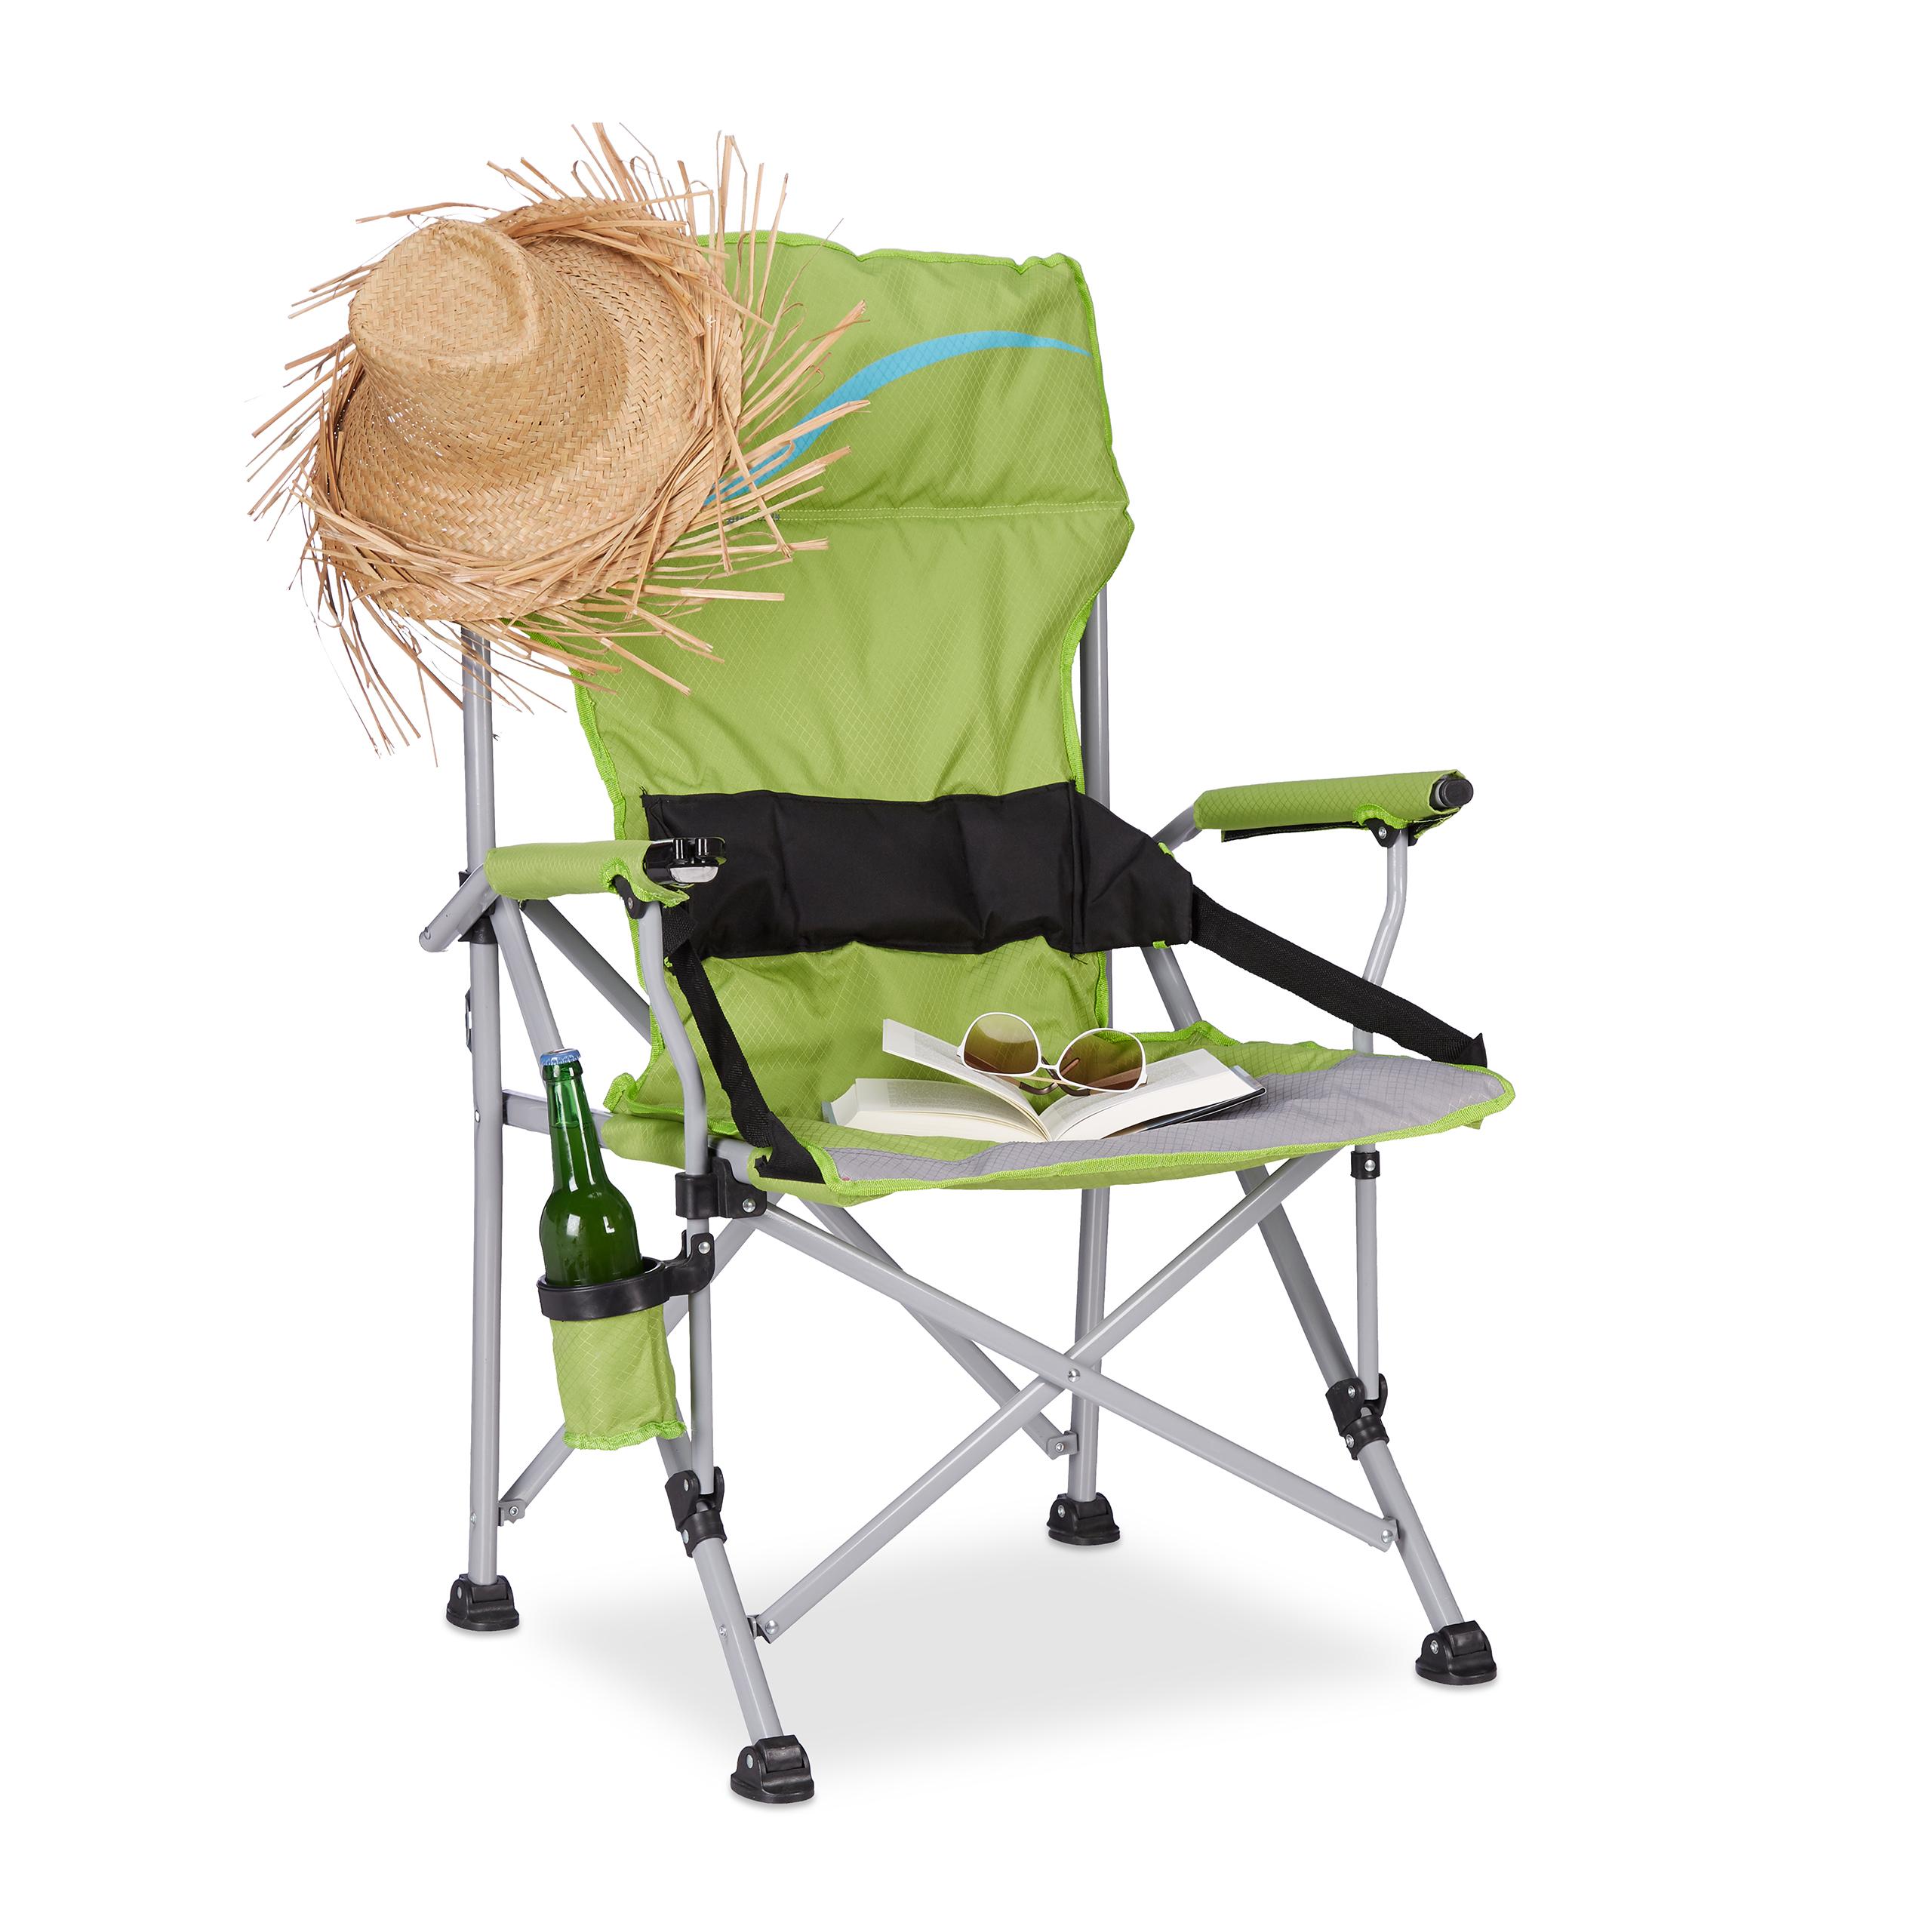 Silla-plegable-XL-De-tela-y-acolchada-Camping-playa-o-piscina-Verde-o-azul